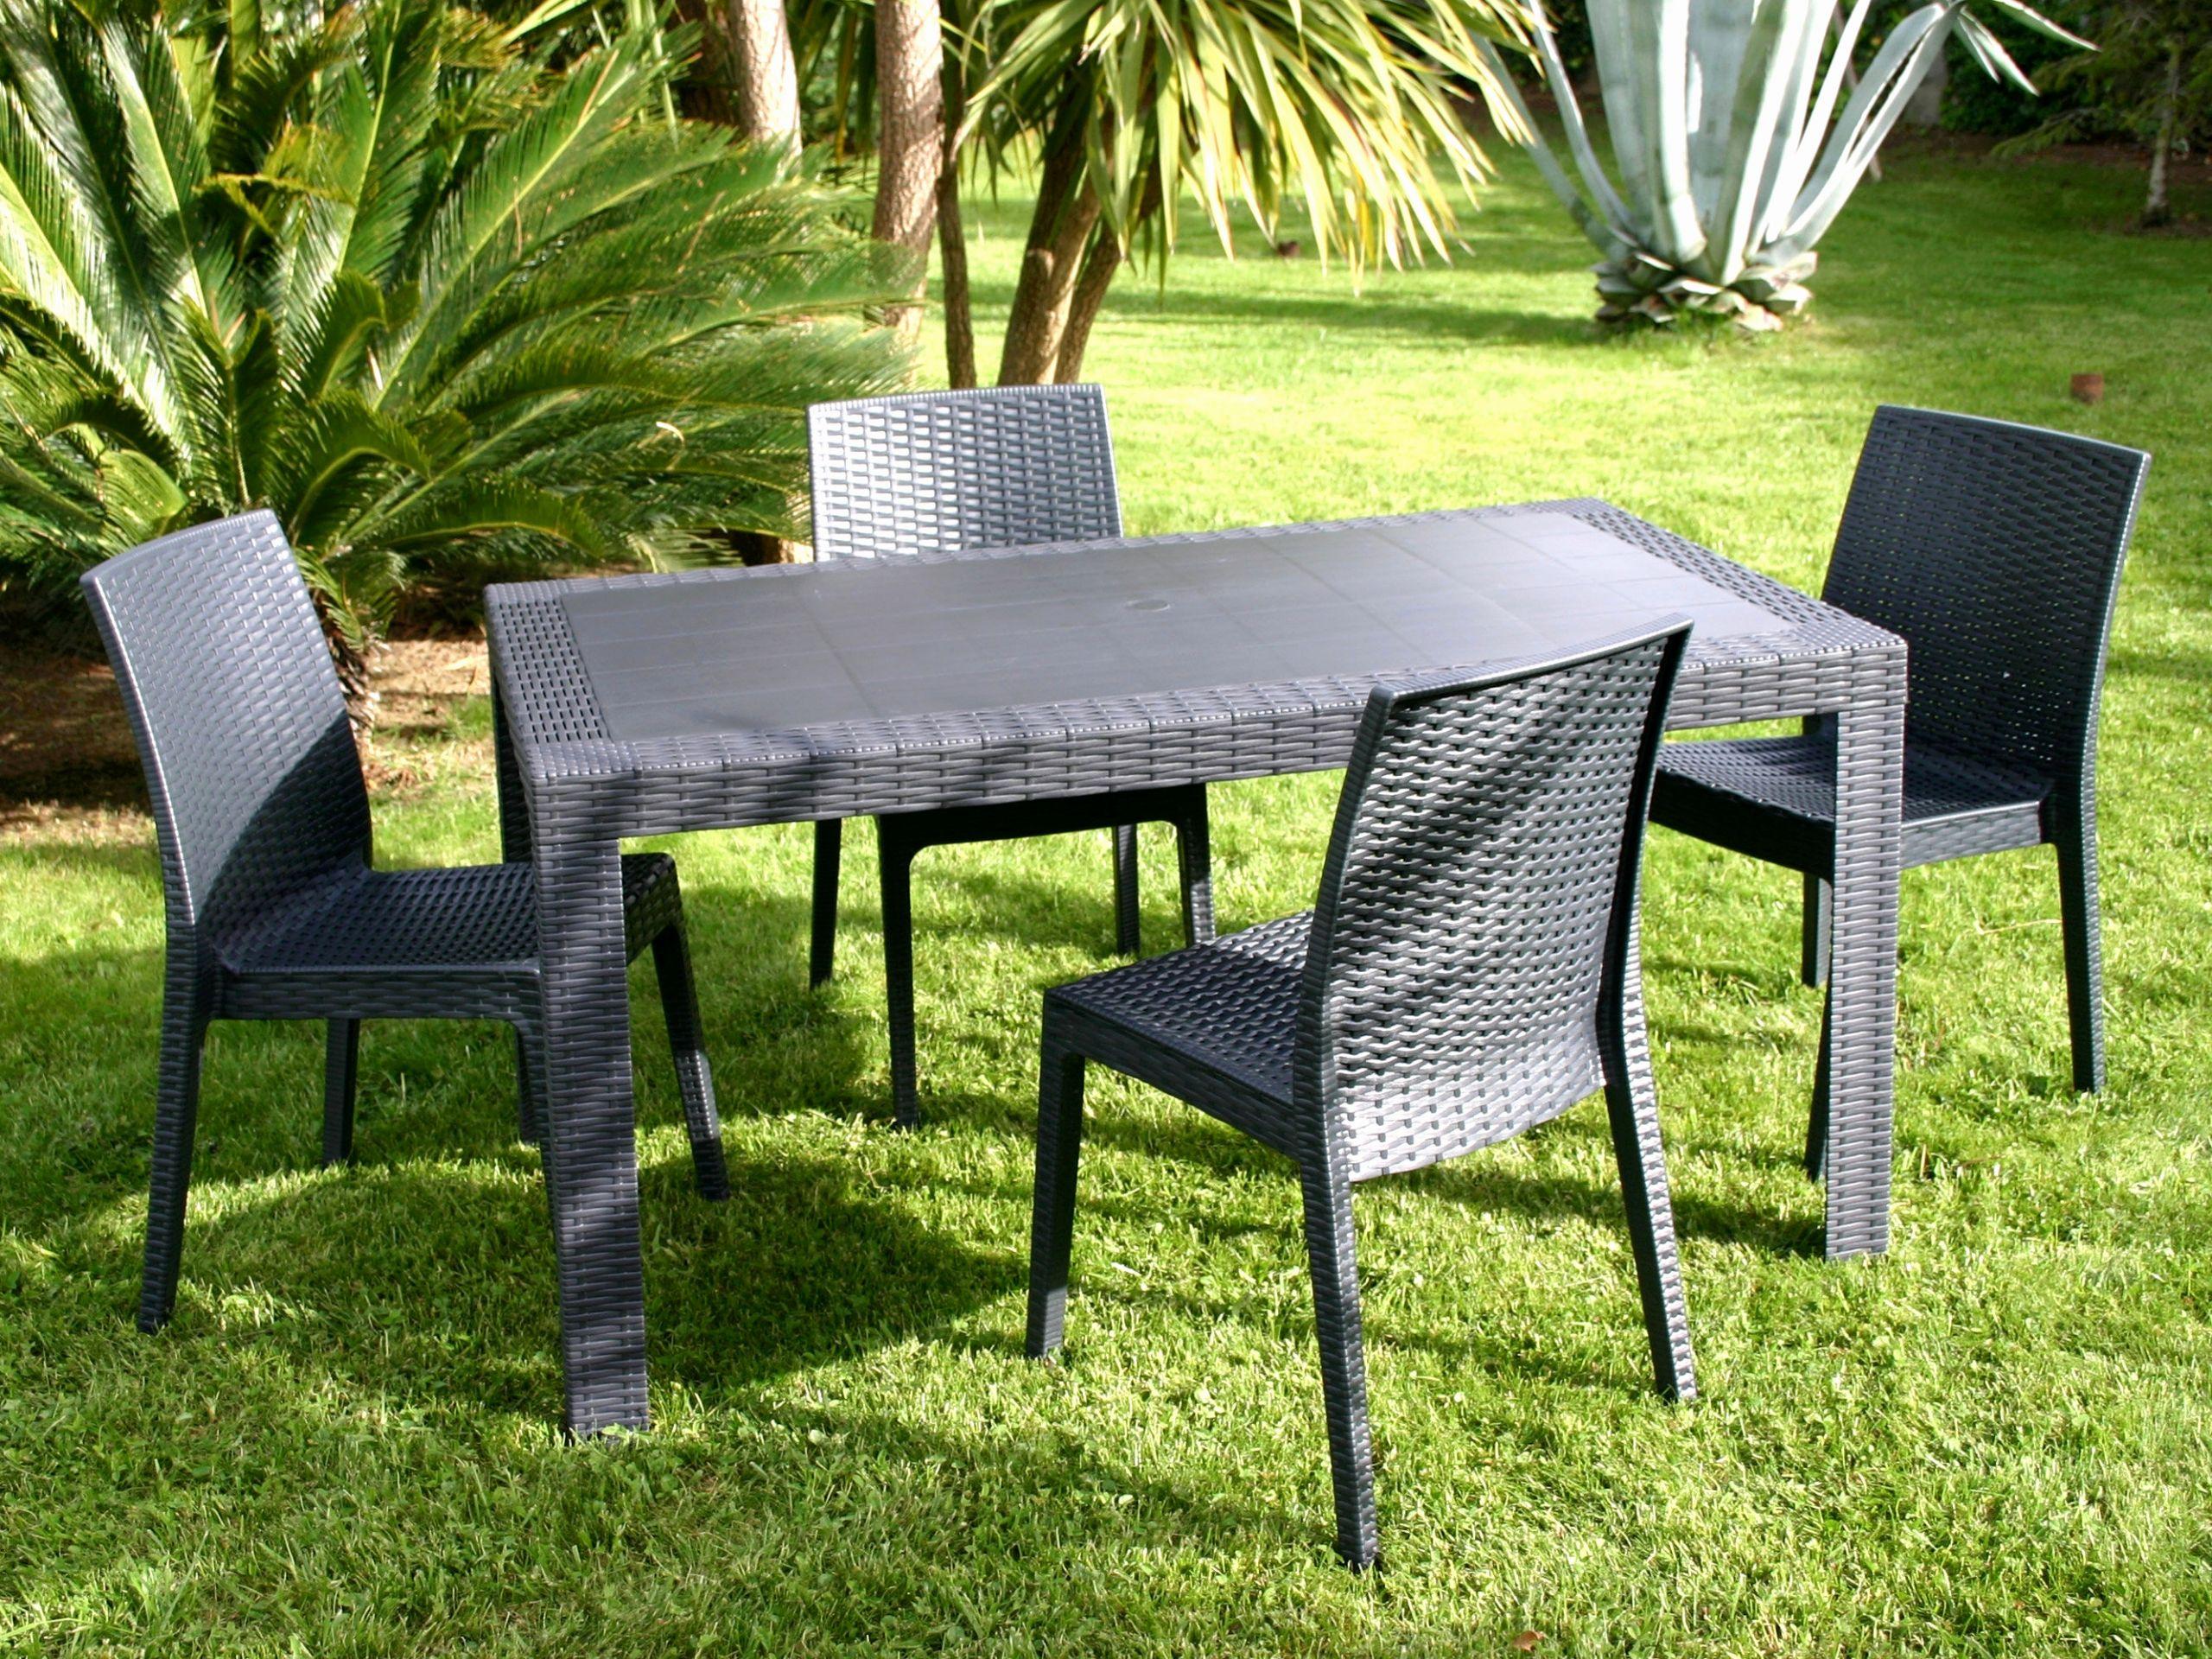 Table Exterieur Carrefour Best Of Catalogue Carrefour Abris ... avec Abris De Jardin Carrefour